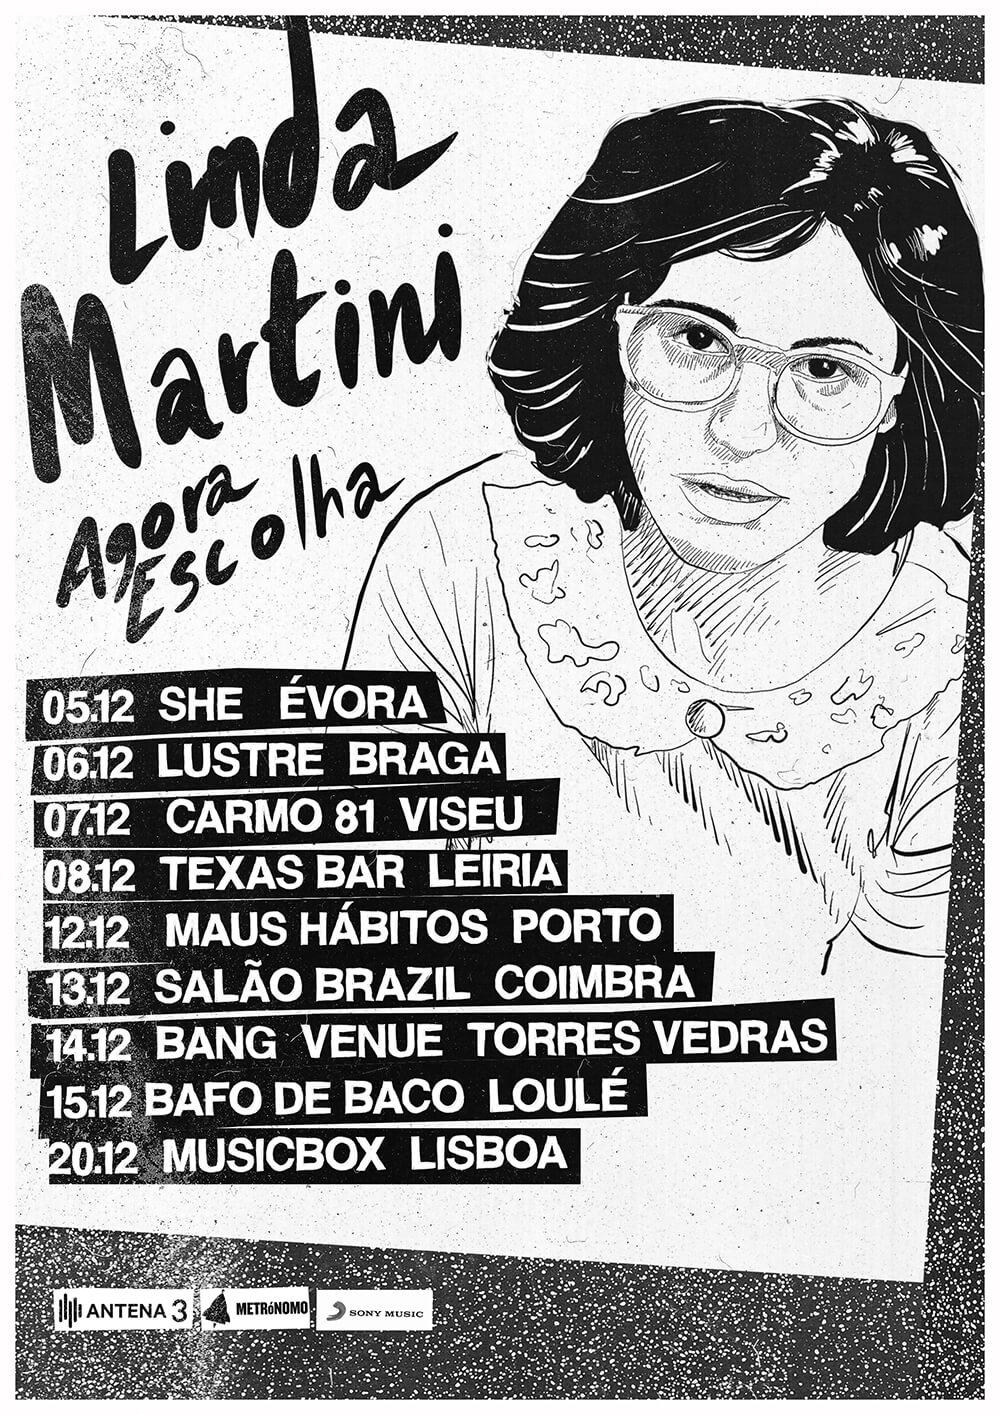 linda martini - agora escolha - concertos - tour